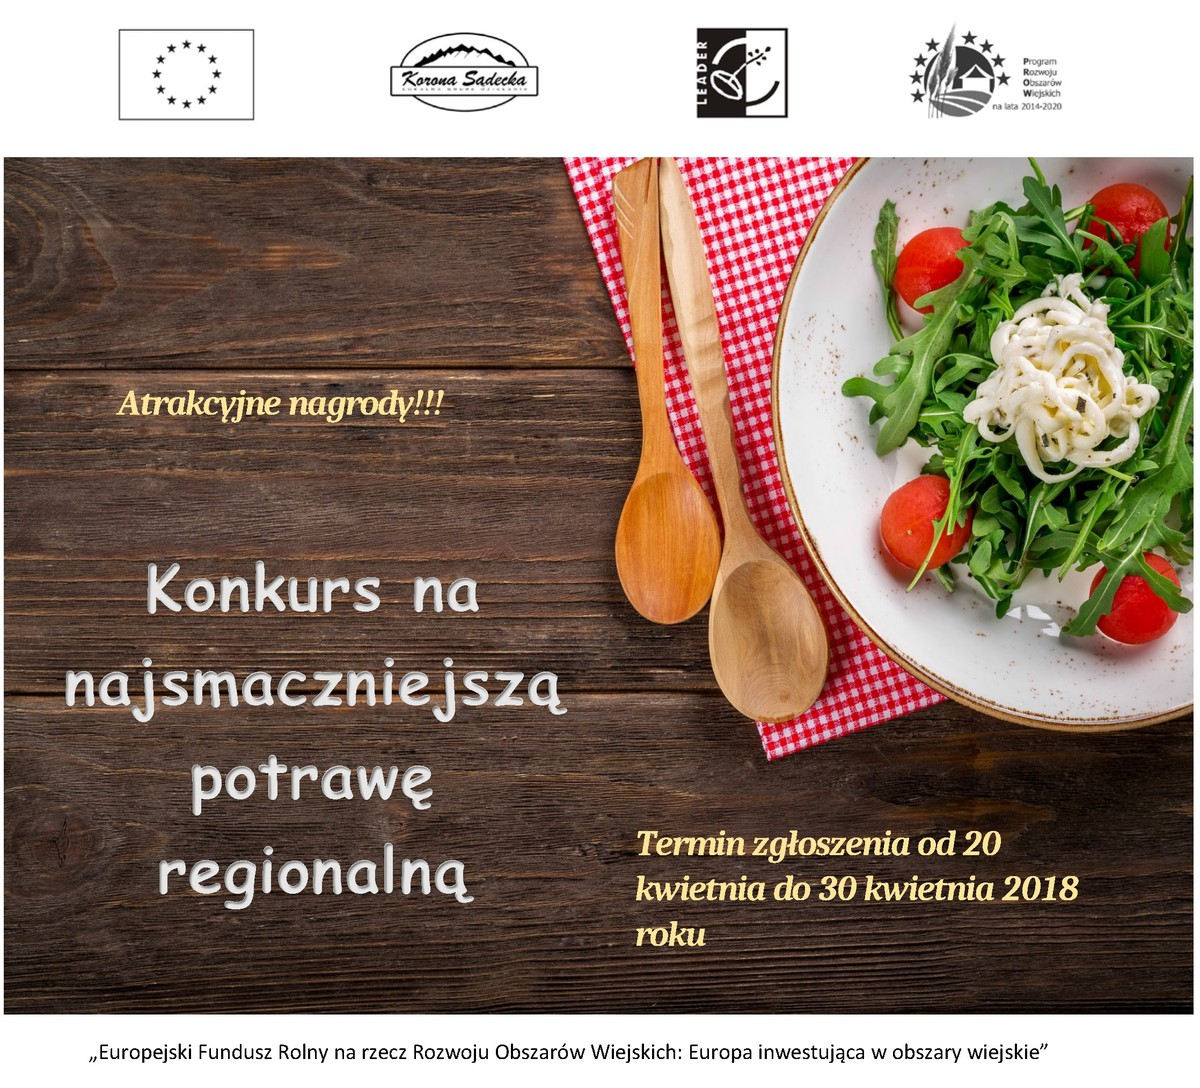 Konkurs nanajsmaczniejszą potrawę regionalną